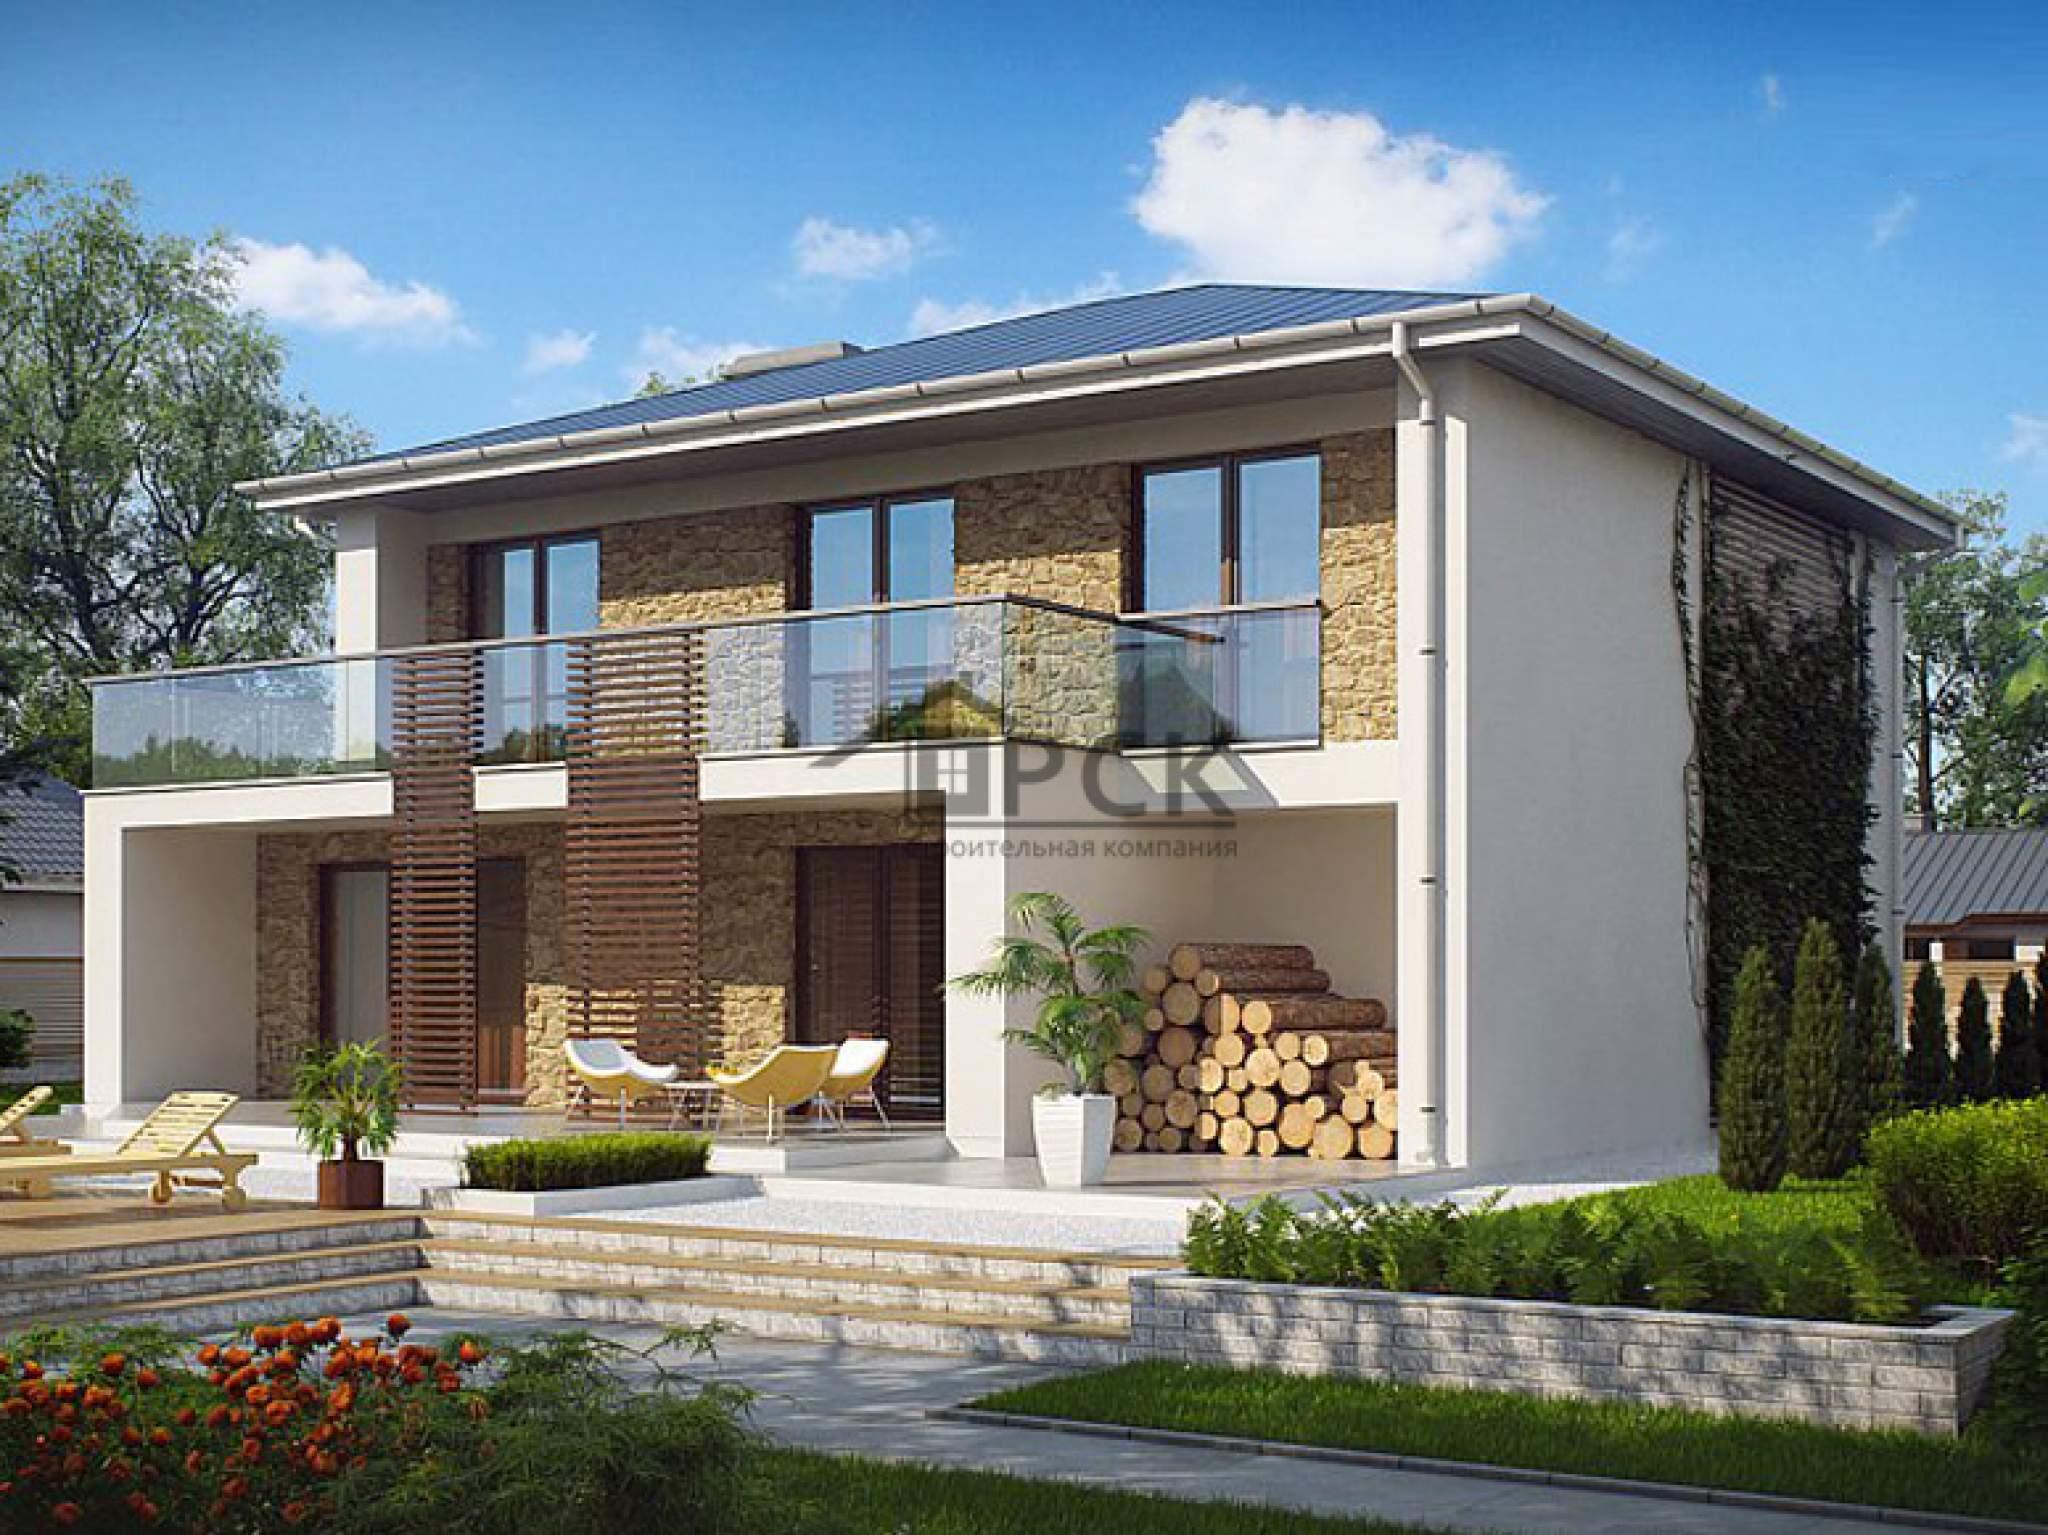 Проект двухэтажного дома с балконом и гаражом zx55.